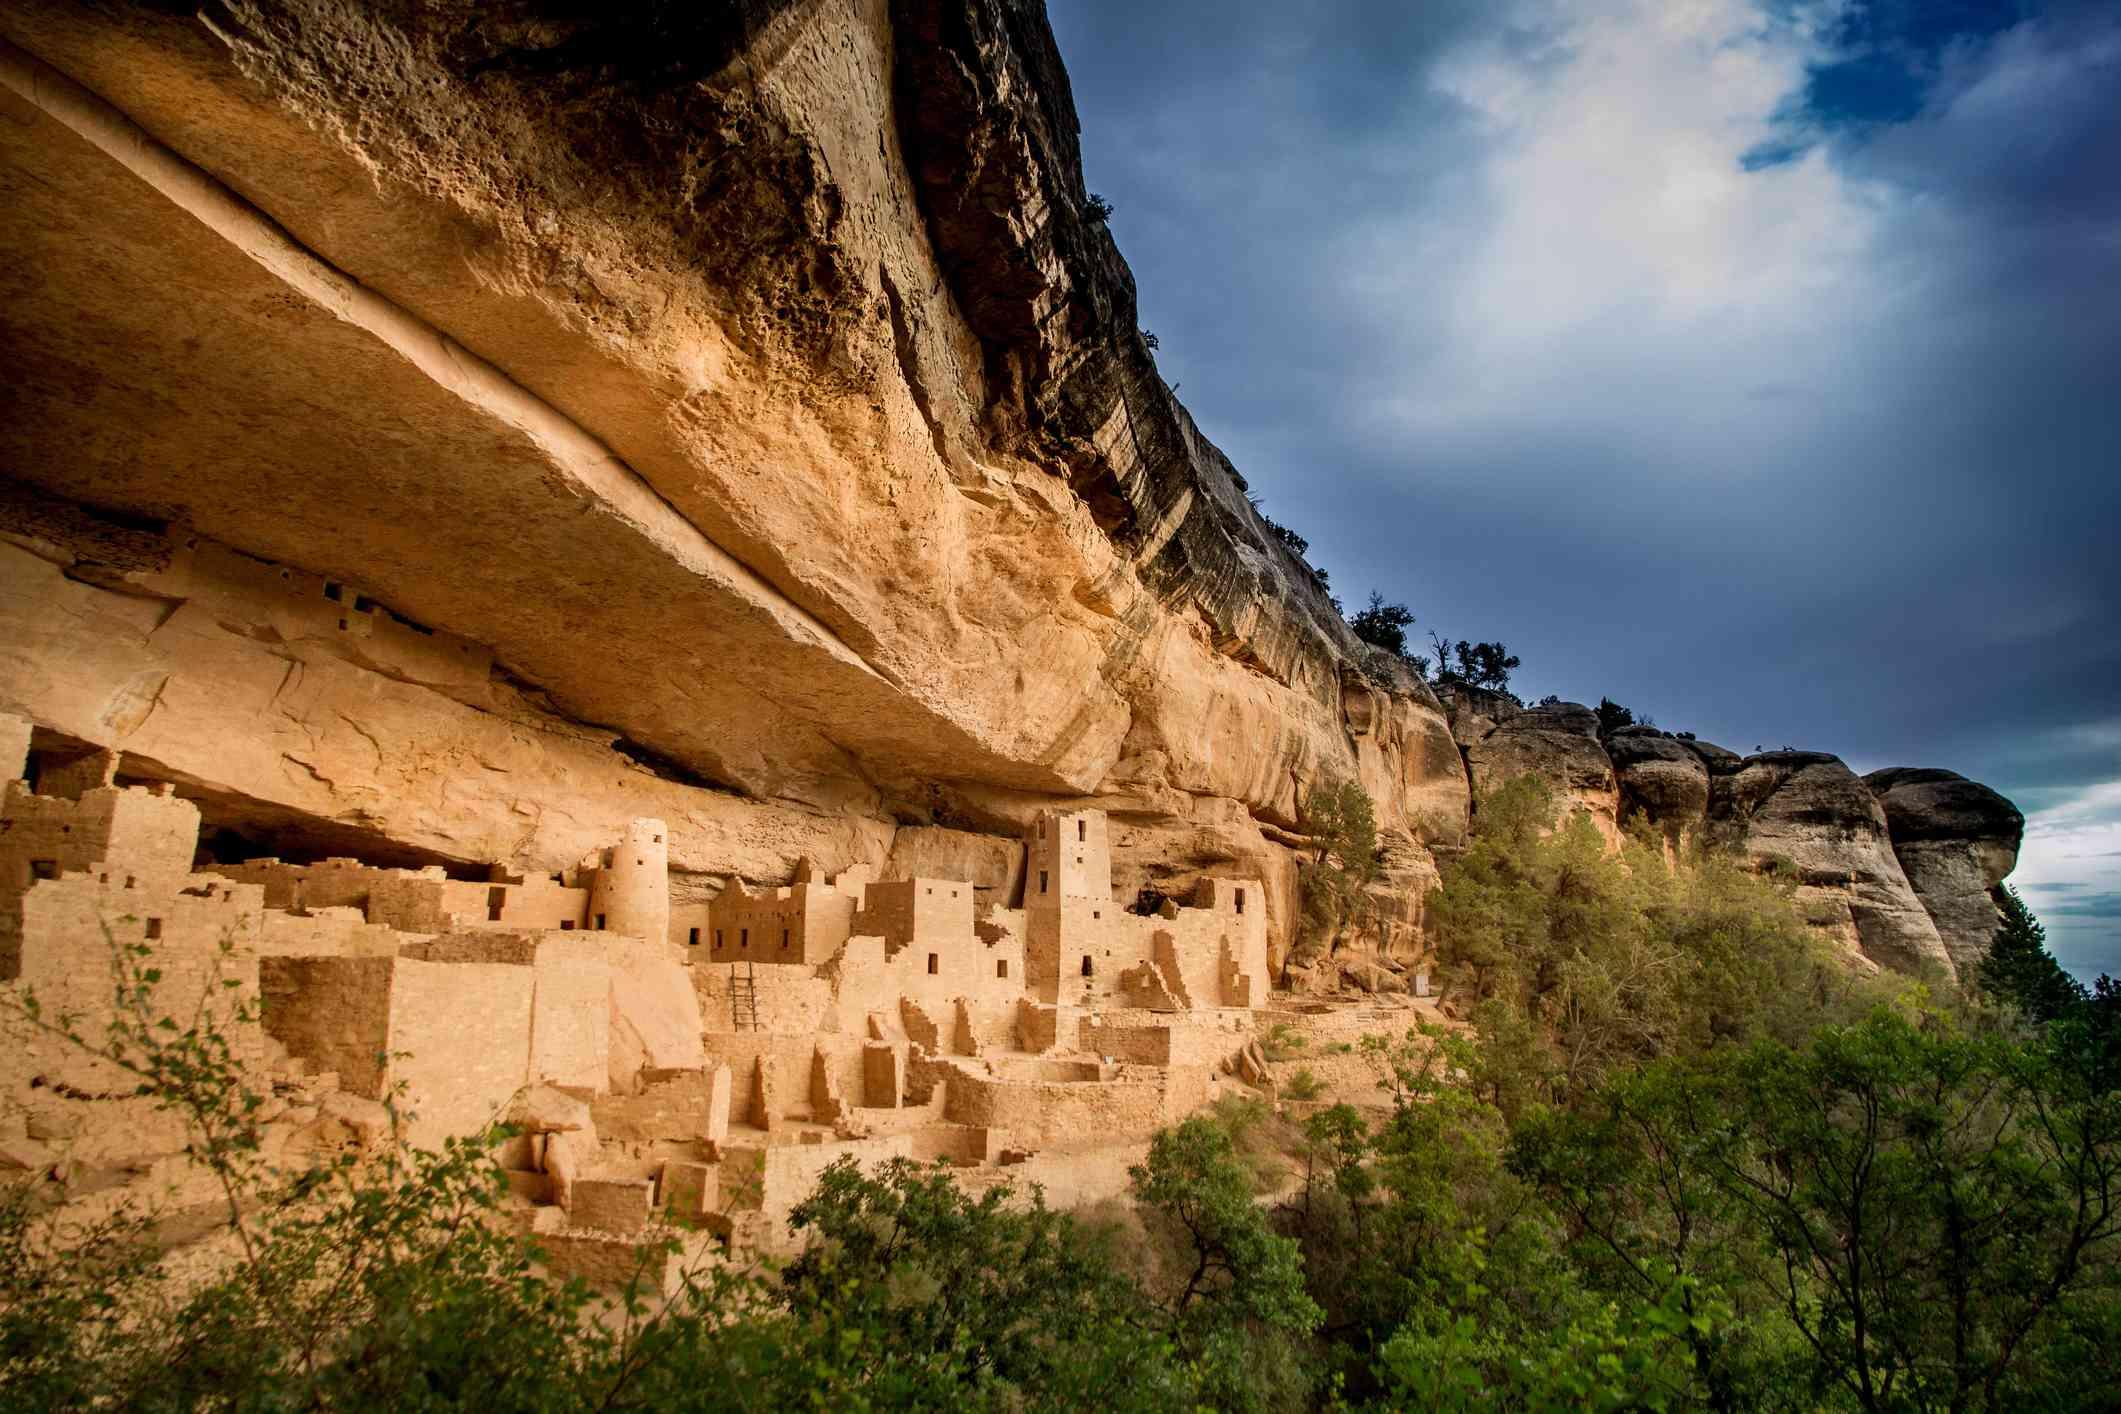 Estados Unidos, Colorado, Montezuma, Palacio y el Parque Nacional Mesa Verde